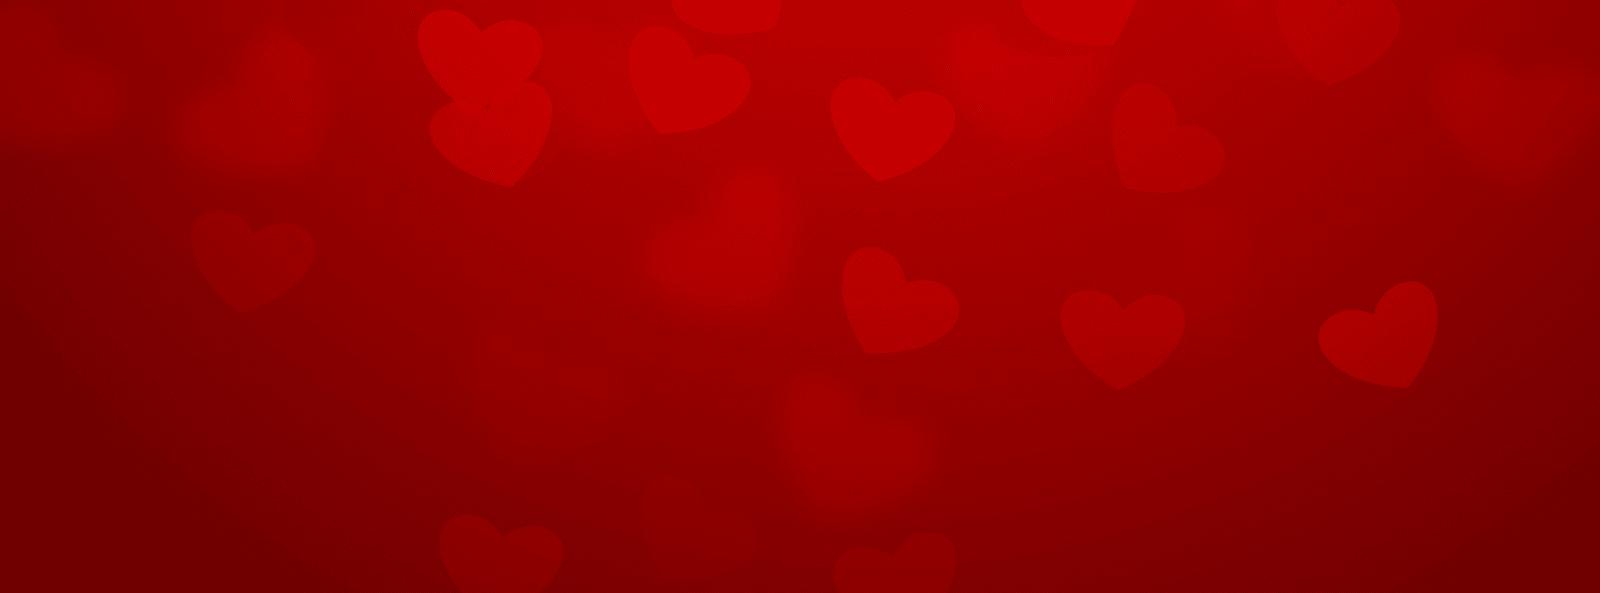 Love hearts banner